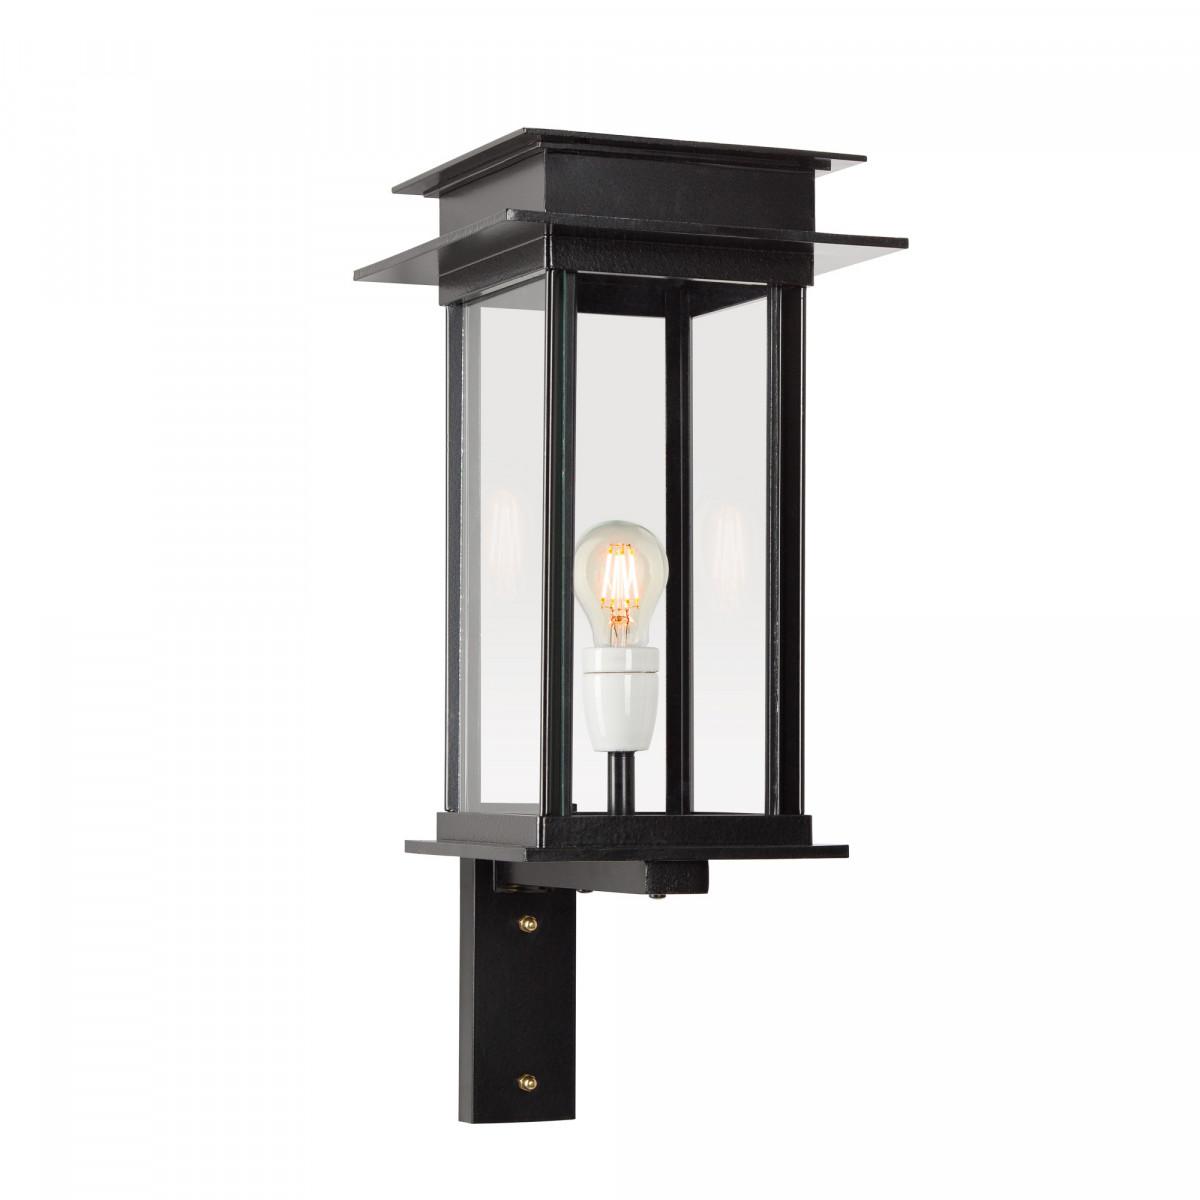 strak klassieke buitenlamp, stijlvolle buitenverlichting, muurlamp Praag, moderne gevelverlichting van KS Verlichting, handmade buitenlampen